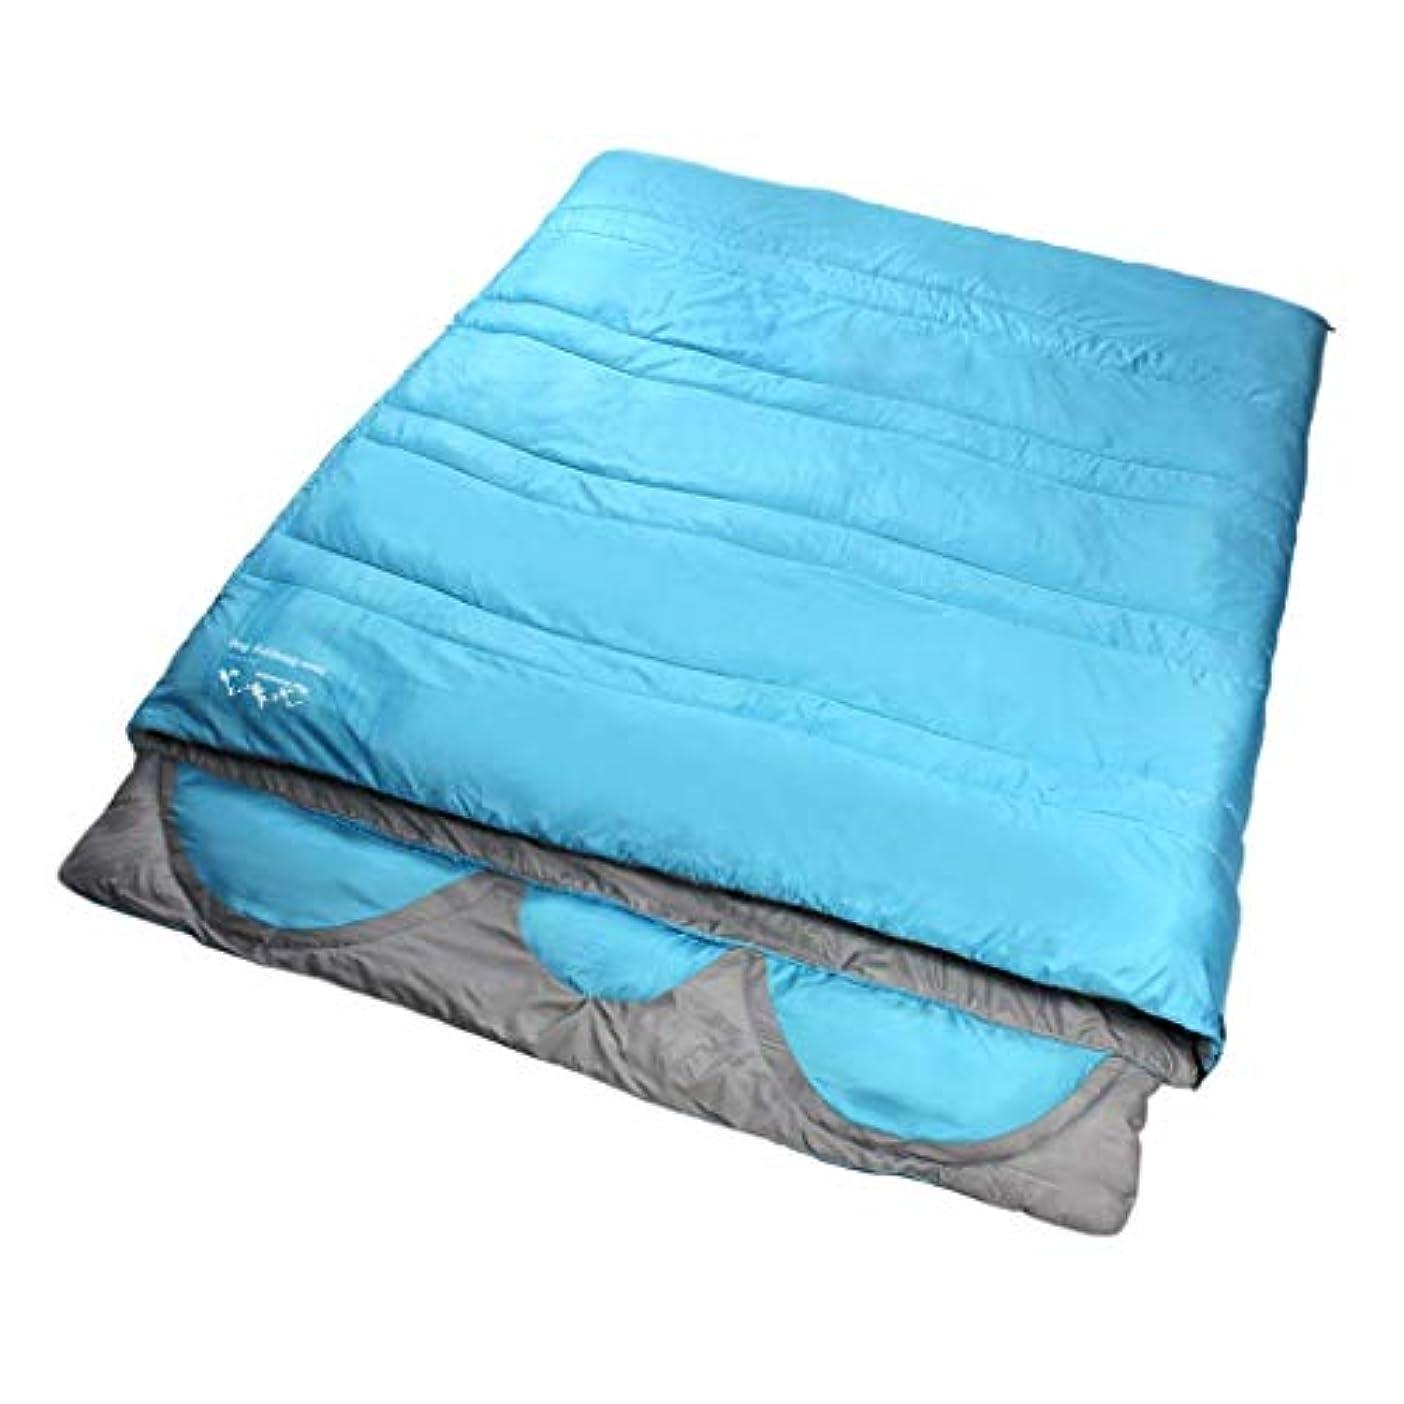 勤勉な対角線ボリューム3人寝袋ワンピースデザイン屋外大人四季大厚み保温